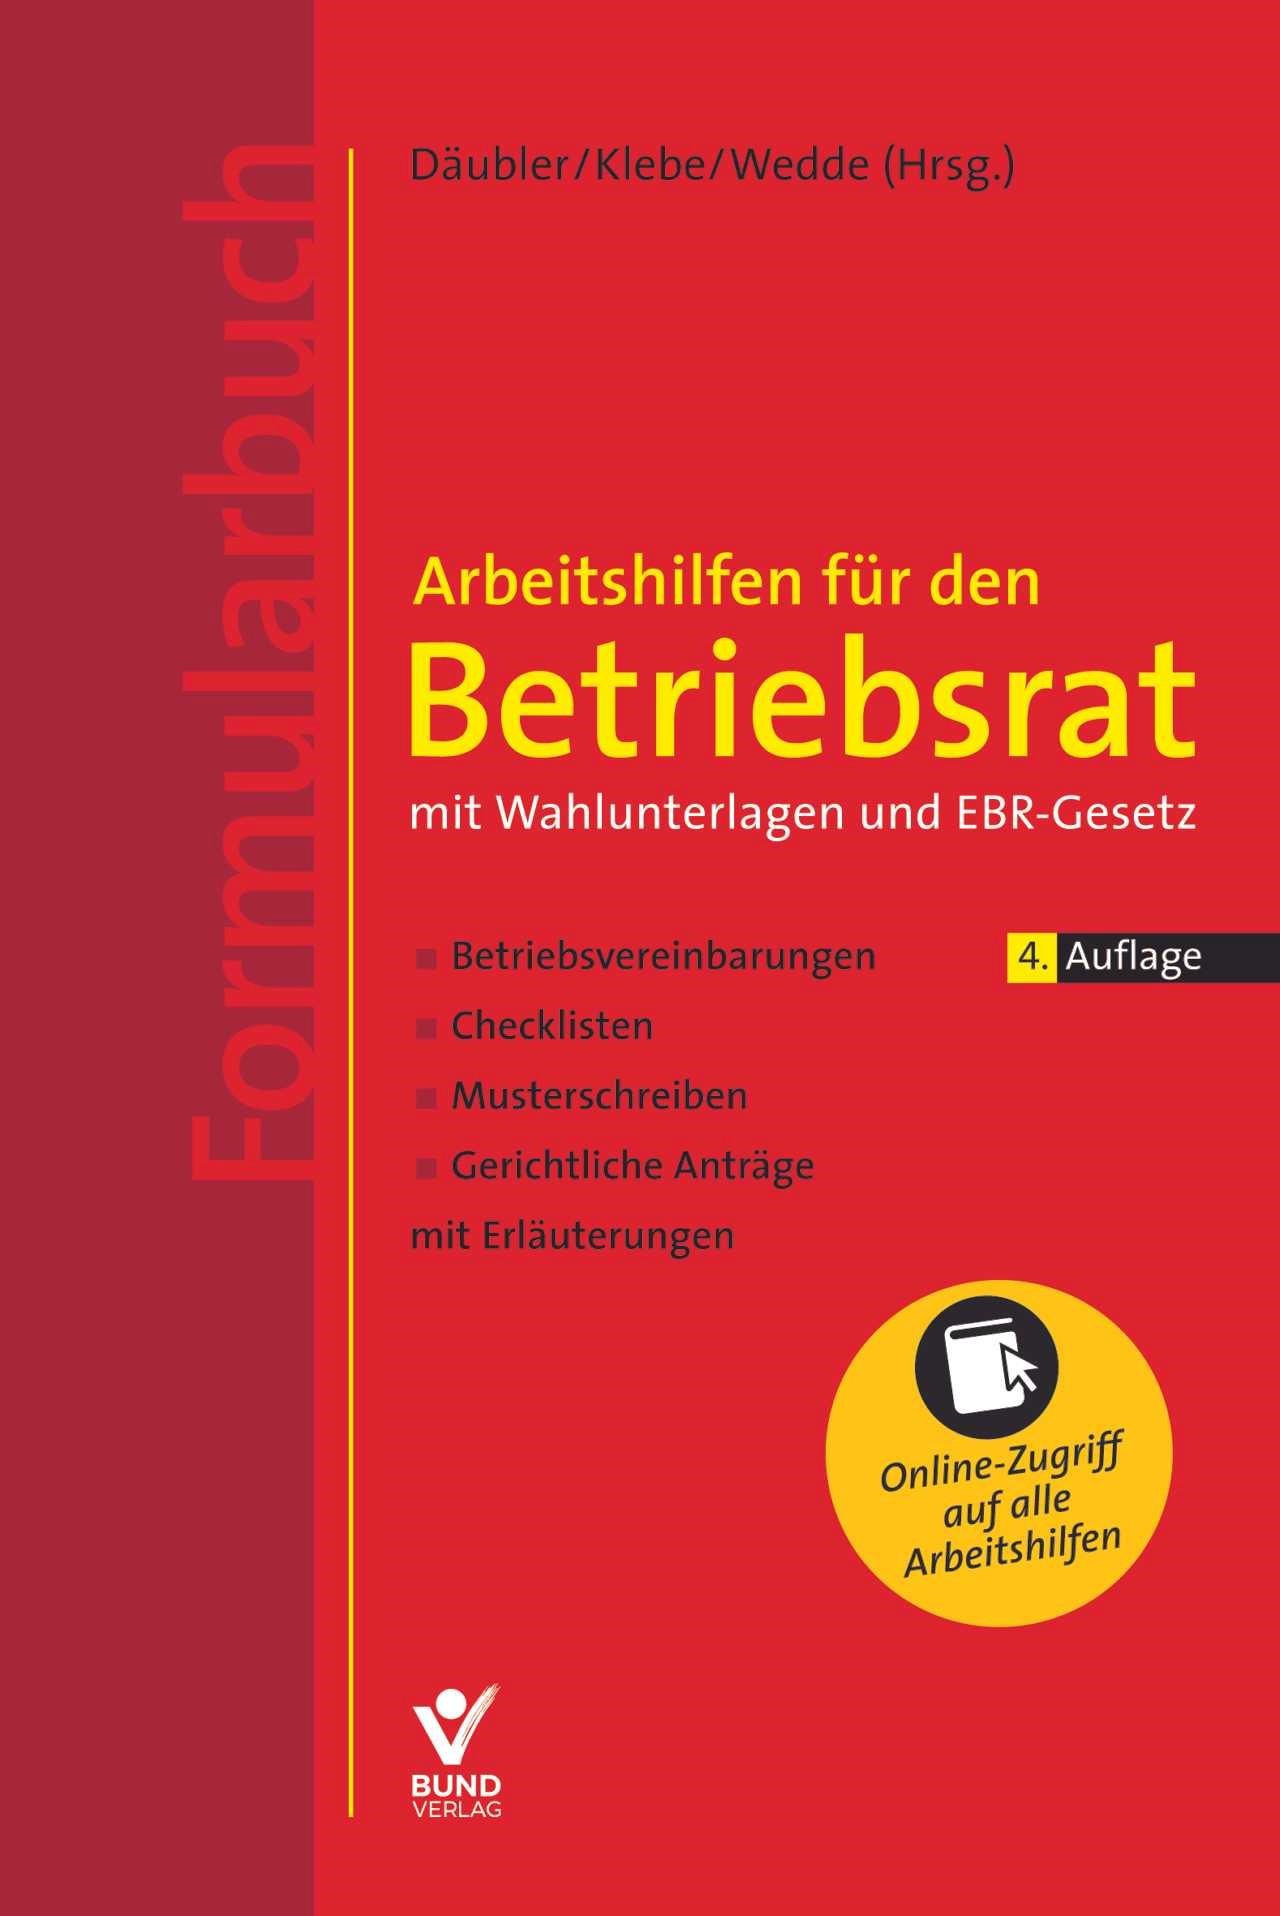 Arbeitshilfen für den Betriebsrat mit Wahlunterlagen und EBR-Gesetz (Formularbuch) | Däubler / Kittner / Klebe / Wedde | 4., erweiterte, neu bearbeitete und aktualisierte Auflage, 2018 | Buch (Cover)